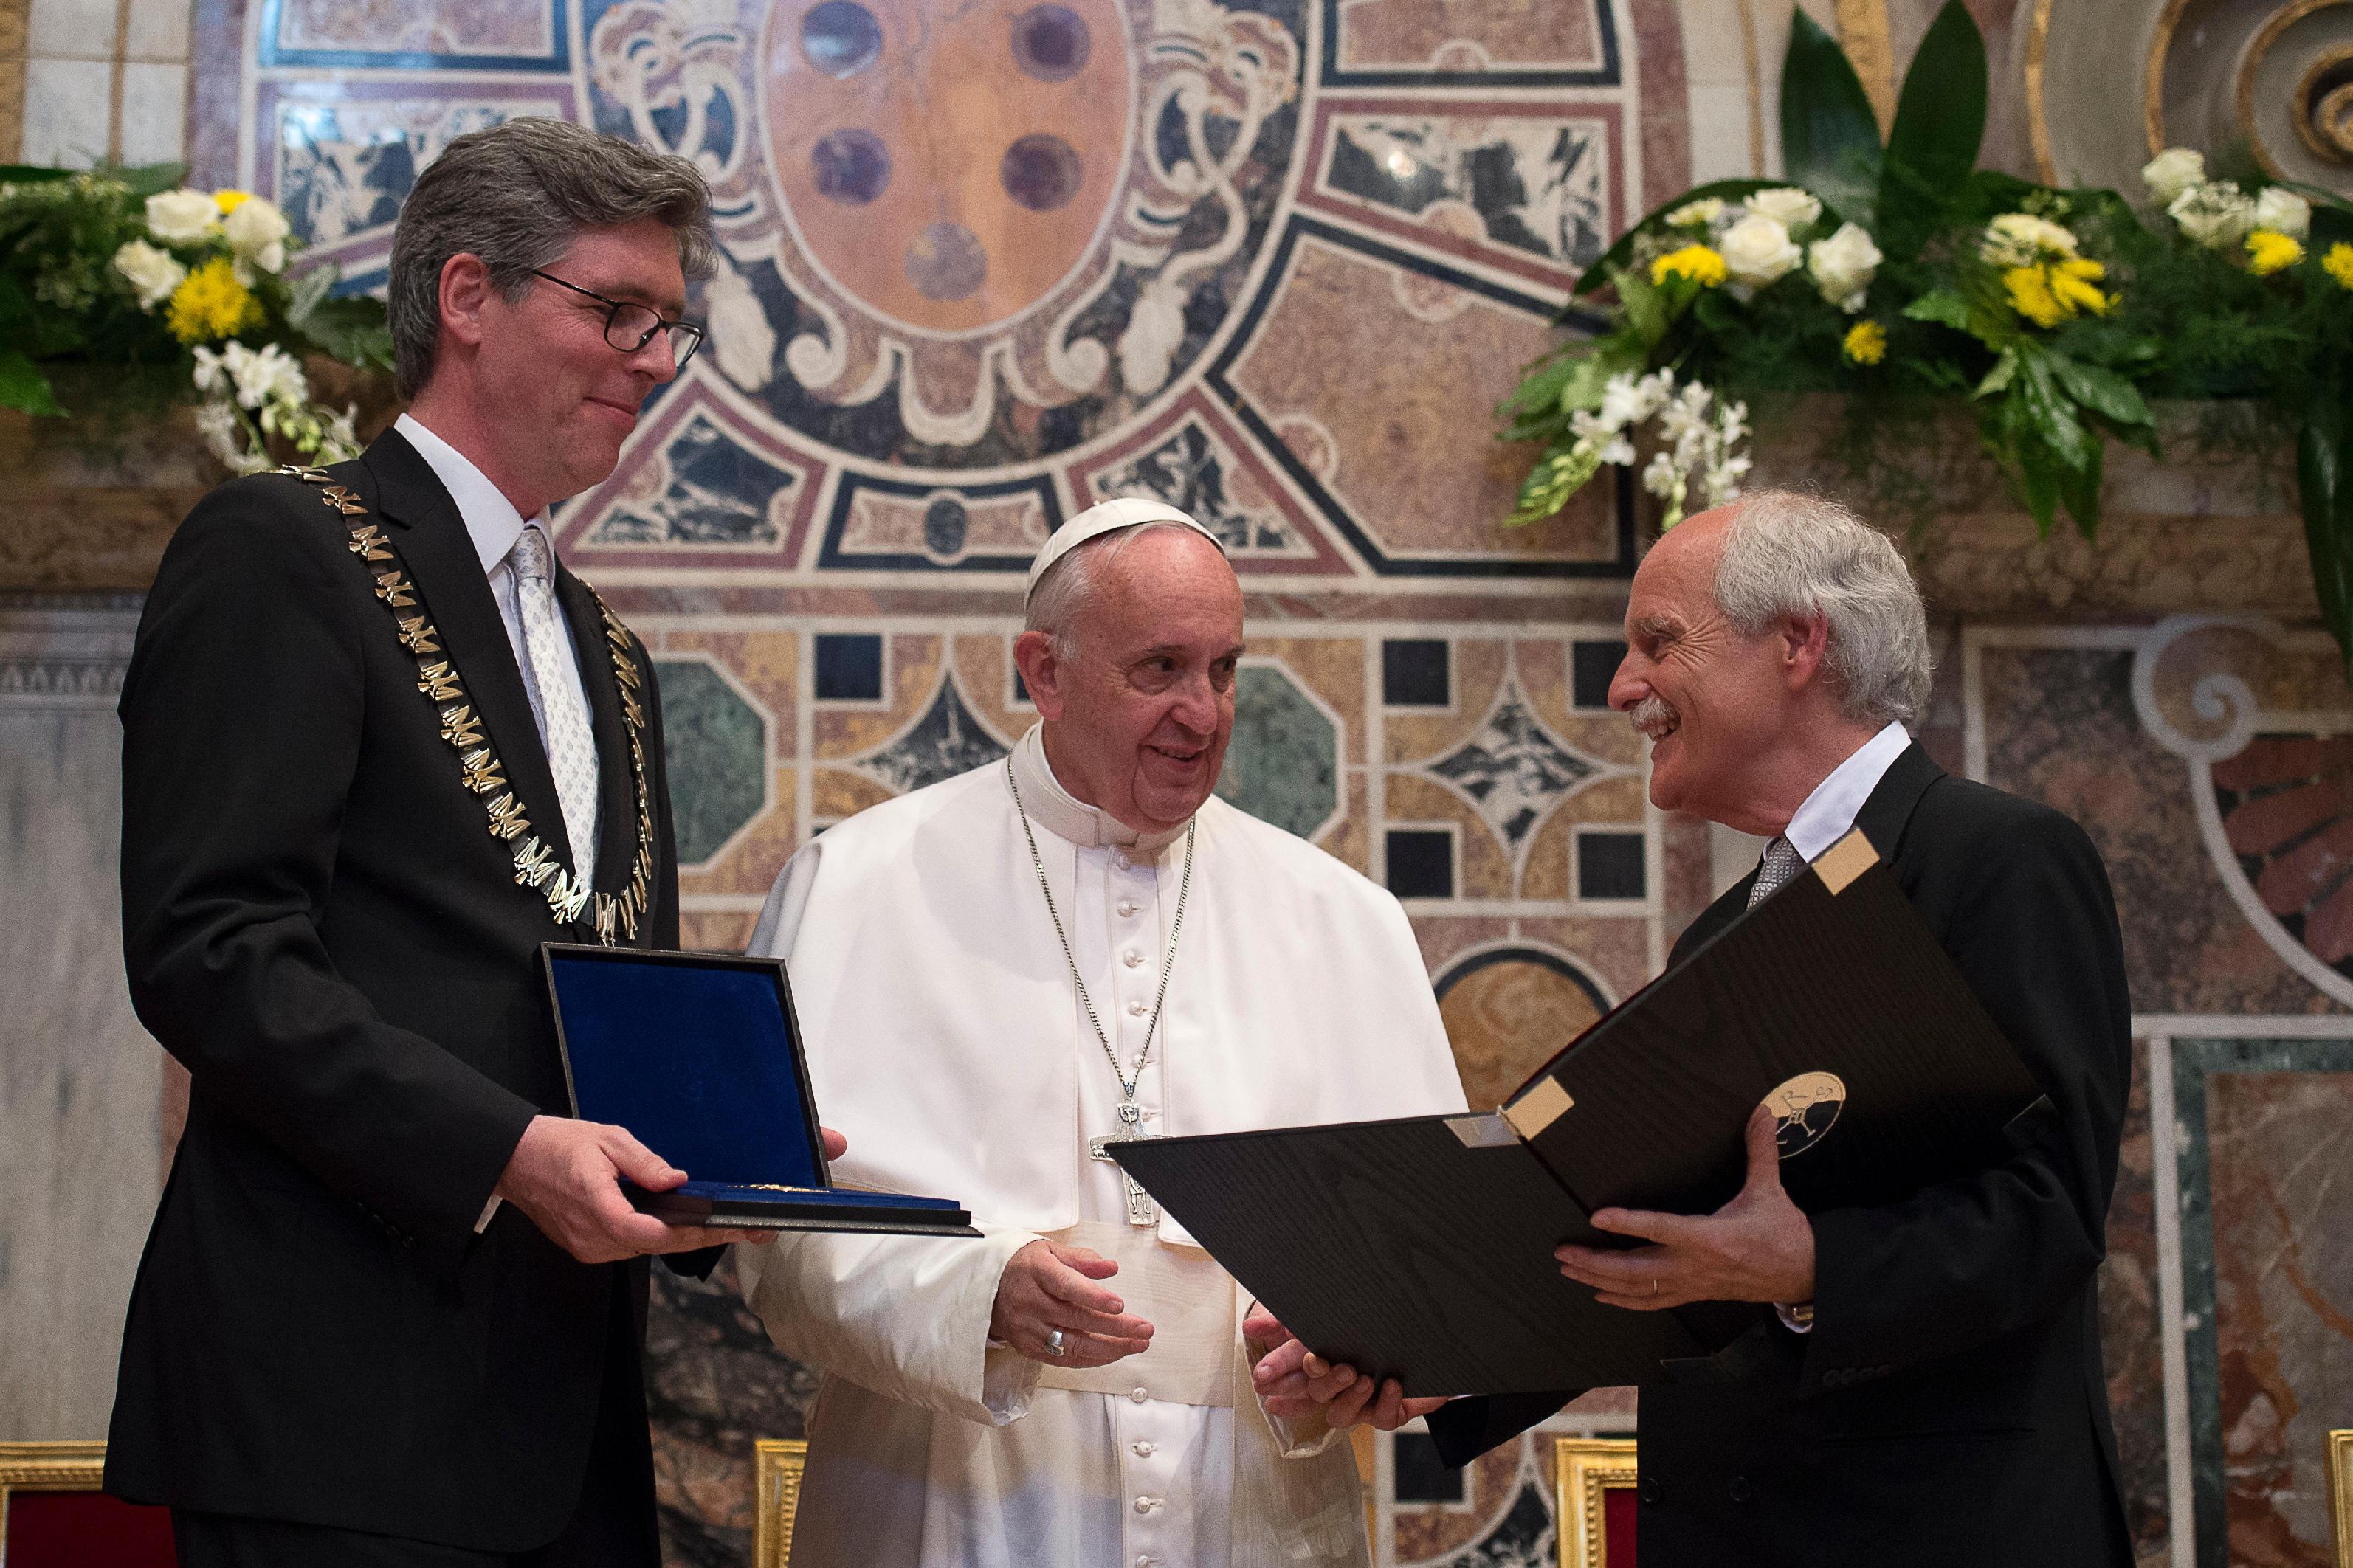 Le pape François reçoit le Prix Charlemagne, L'Osservatore Romano